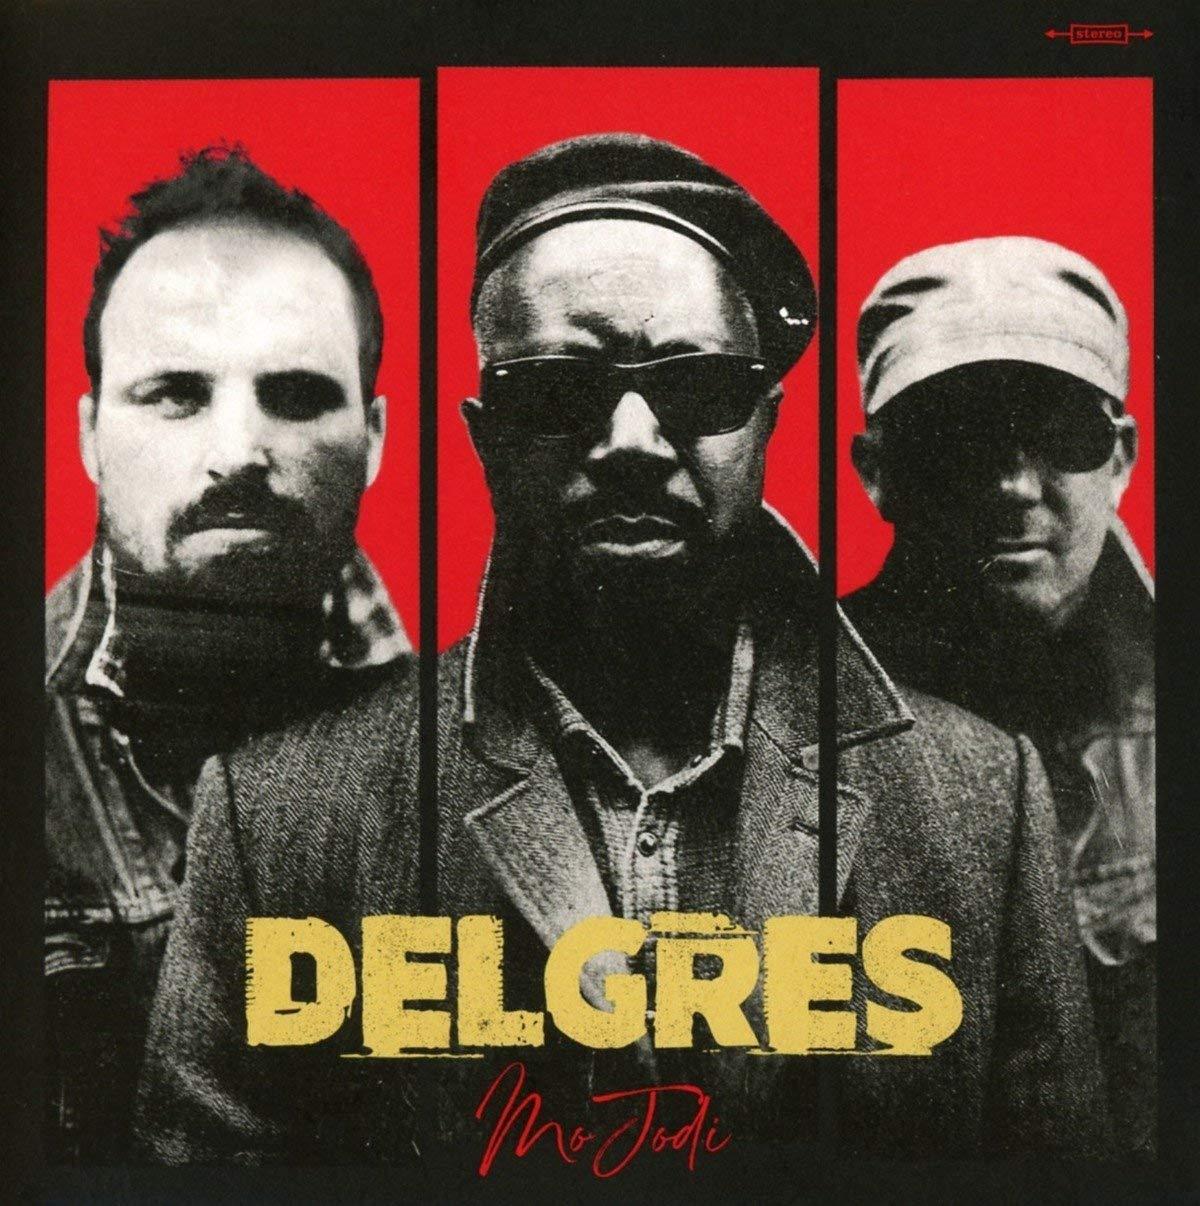 L'album Mo Jodi, lettre ouverte au Président par le groupe Delgres.